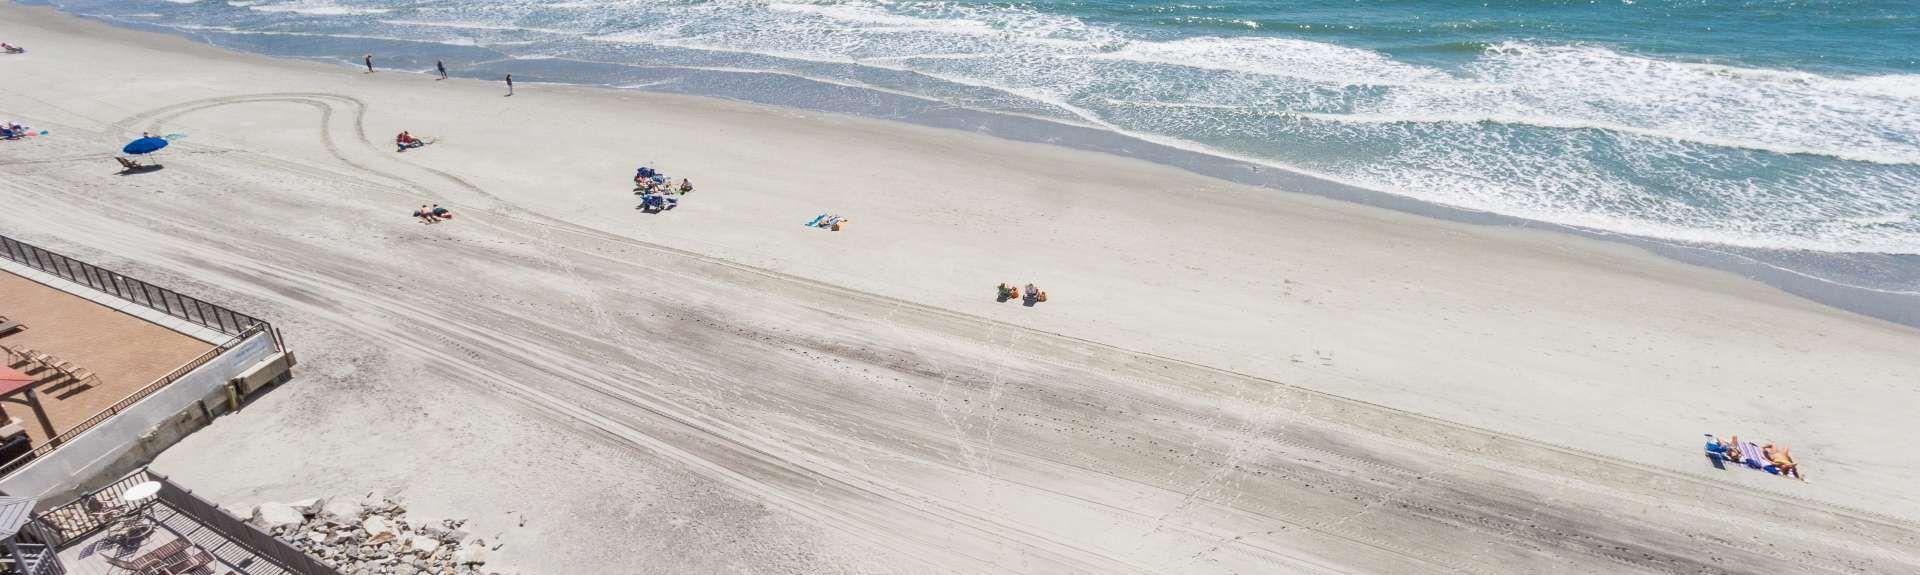 Horizon East (Garden City Beach, Carolina del Sur, Estados Unidos)